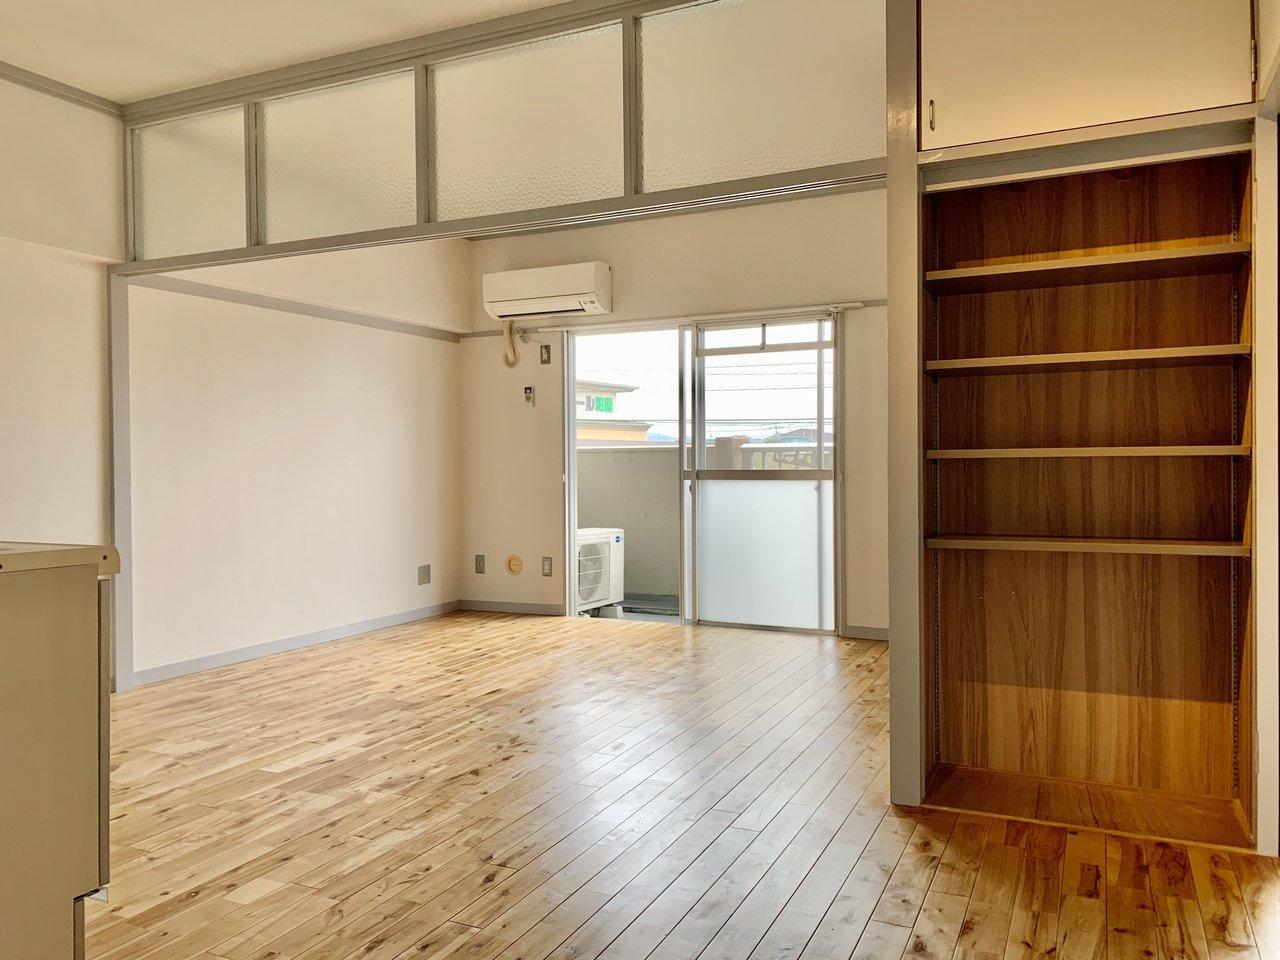 LDKはあわせて14畳あり、かなり広く感じます。好きな家具を思い切って置けそうですね。